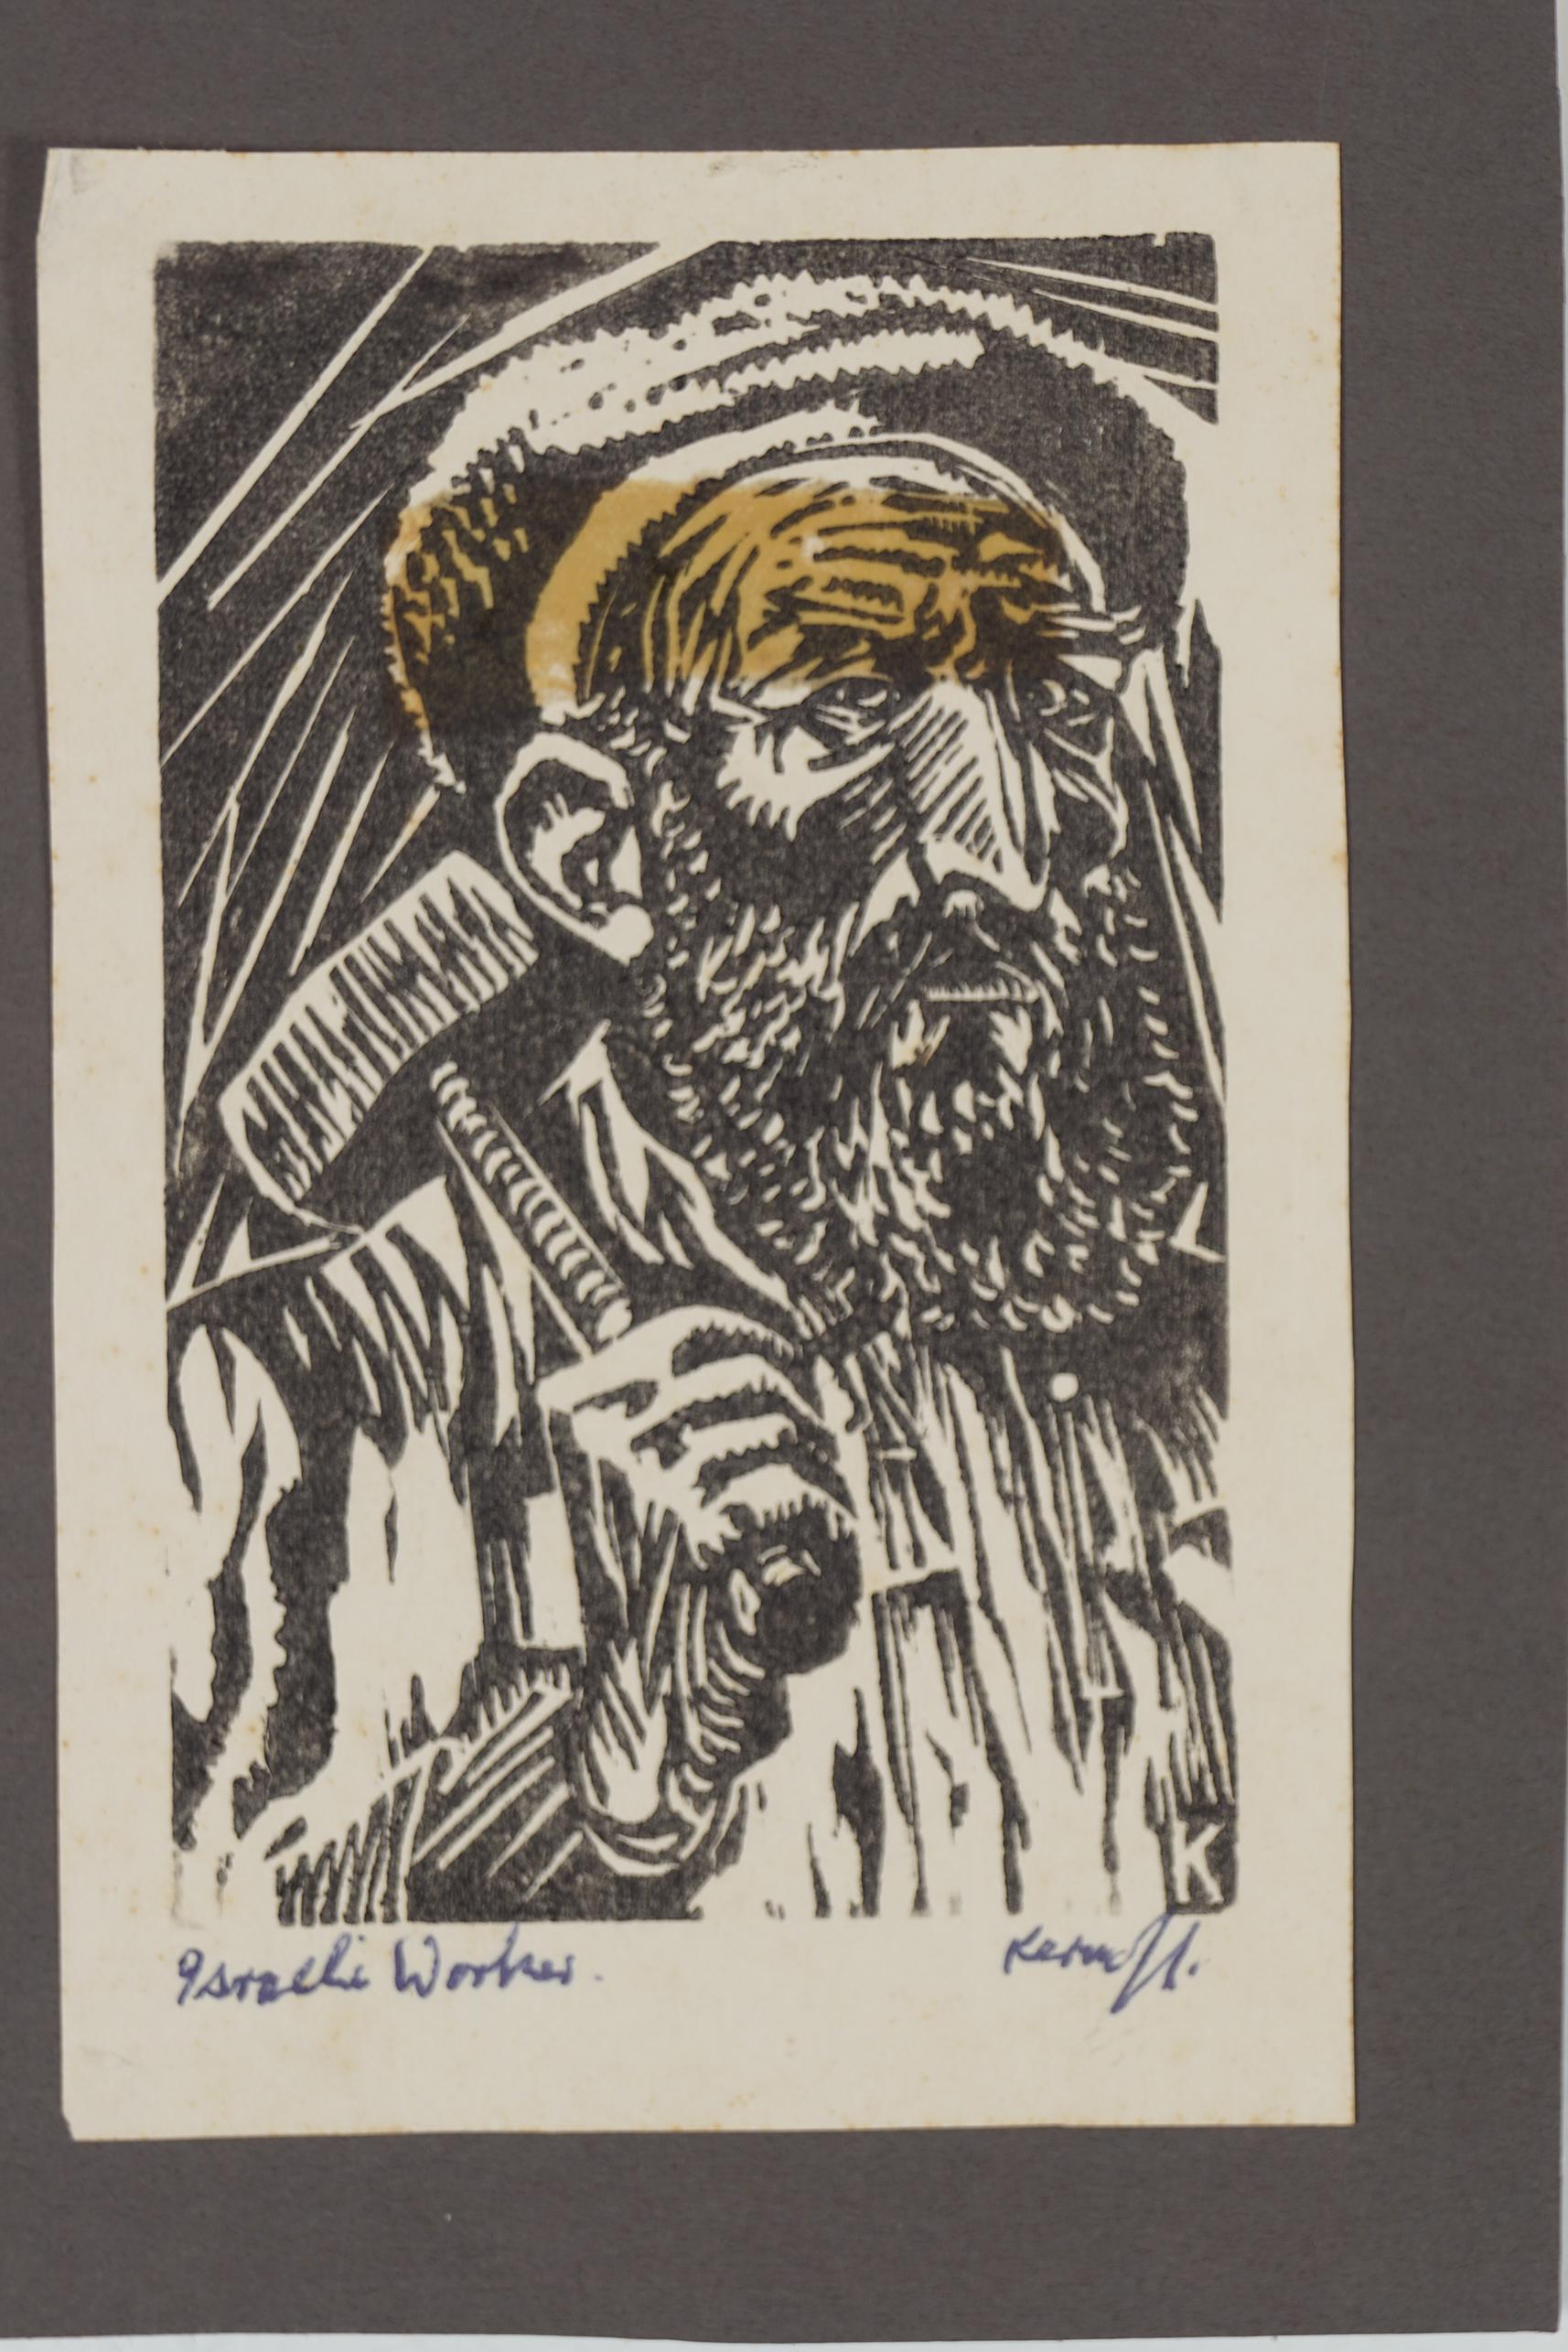 HARRY KERNOFF - Image 2 of 2